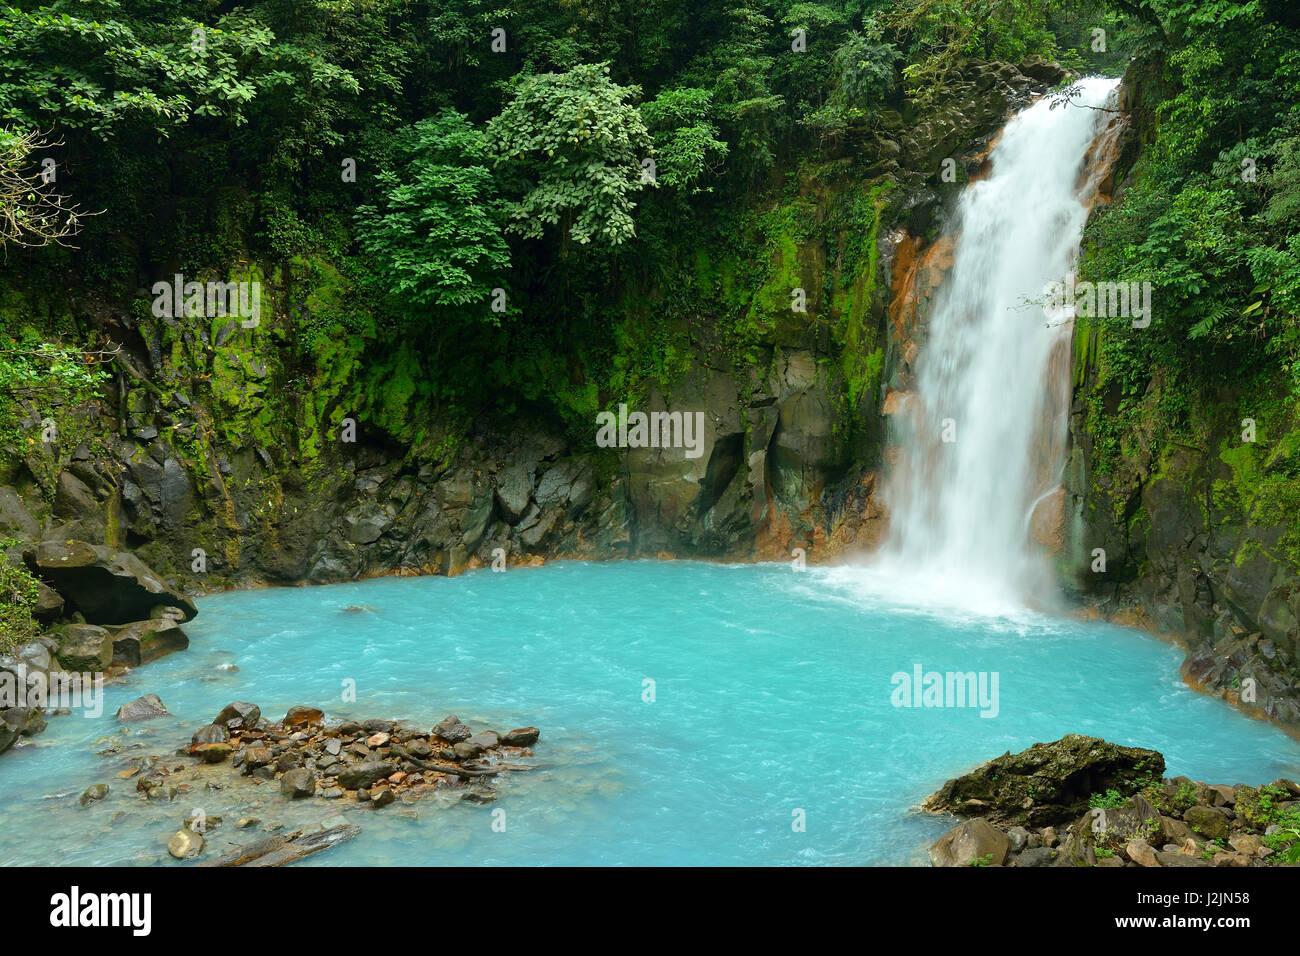 Wasserfall mit den blauen Wassern des Rio Celeste in Volcán Tenorio Nationalpark, Costa Rica, Mittelamerika Stockbild